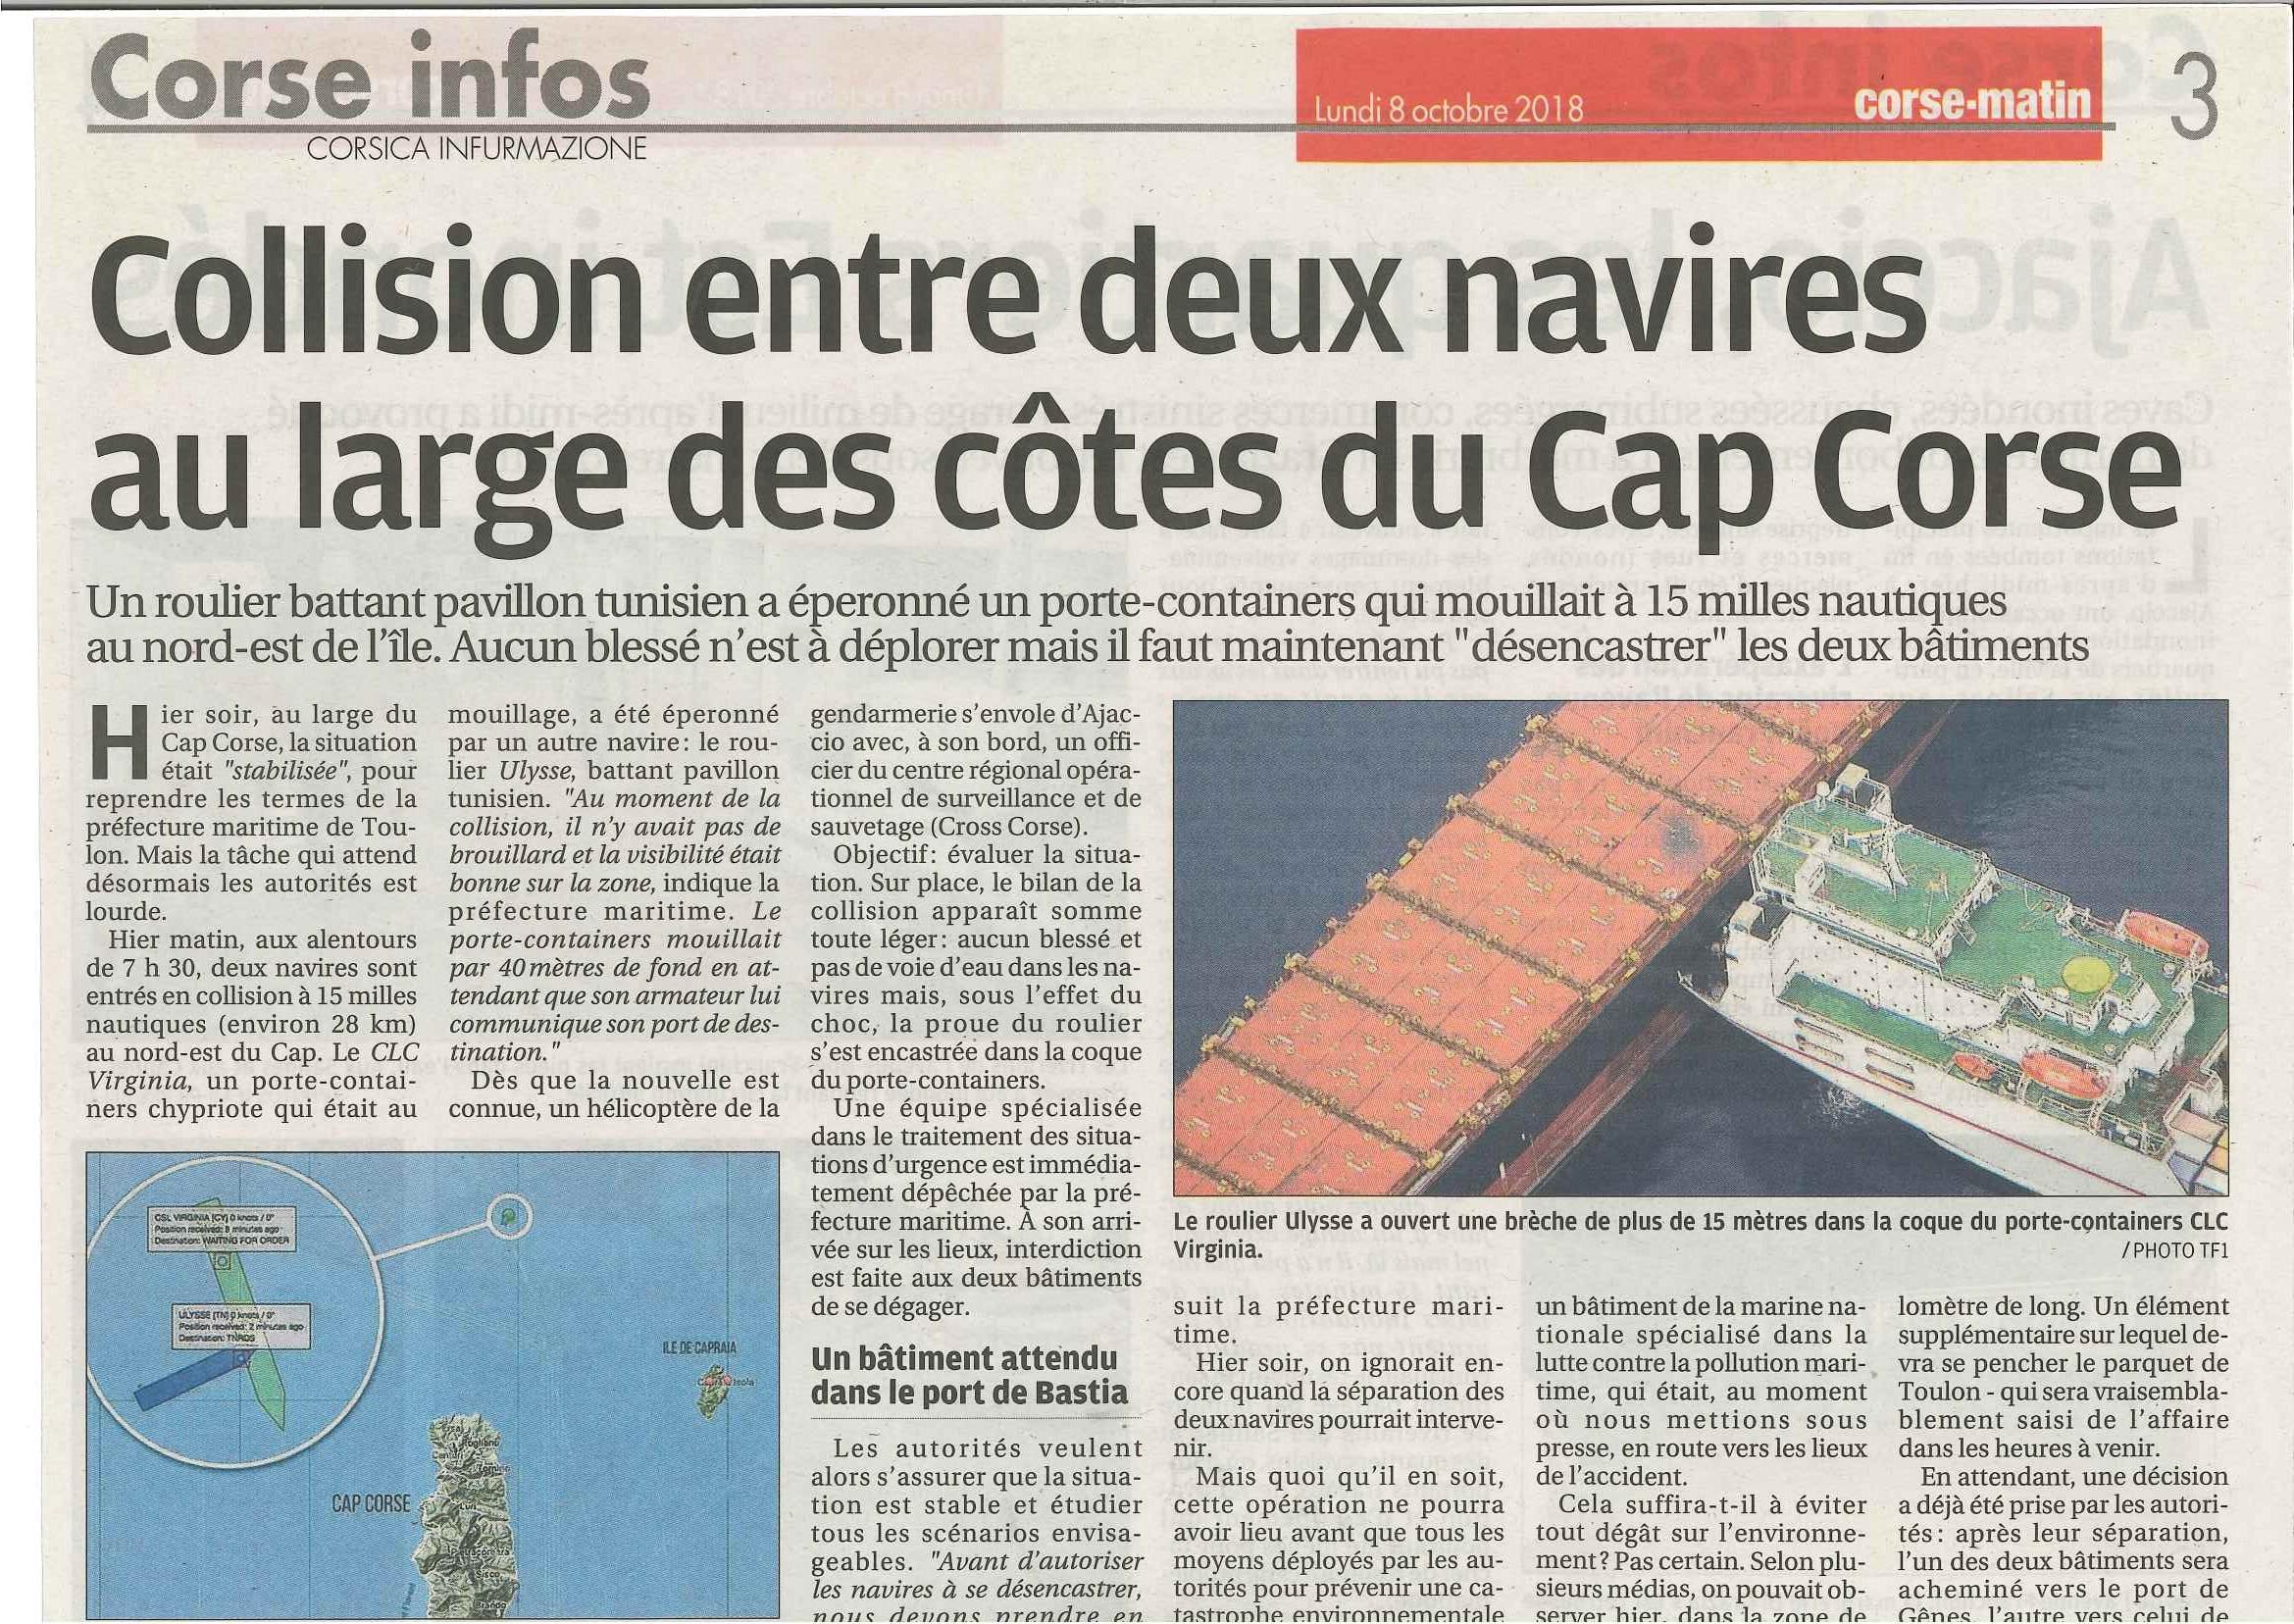 Pollution marine au large du Cap Corse : Réaction du CRPMEMC